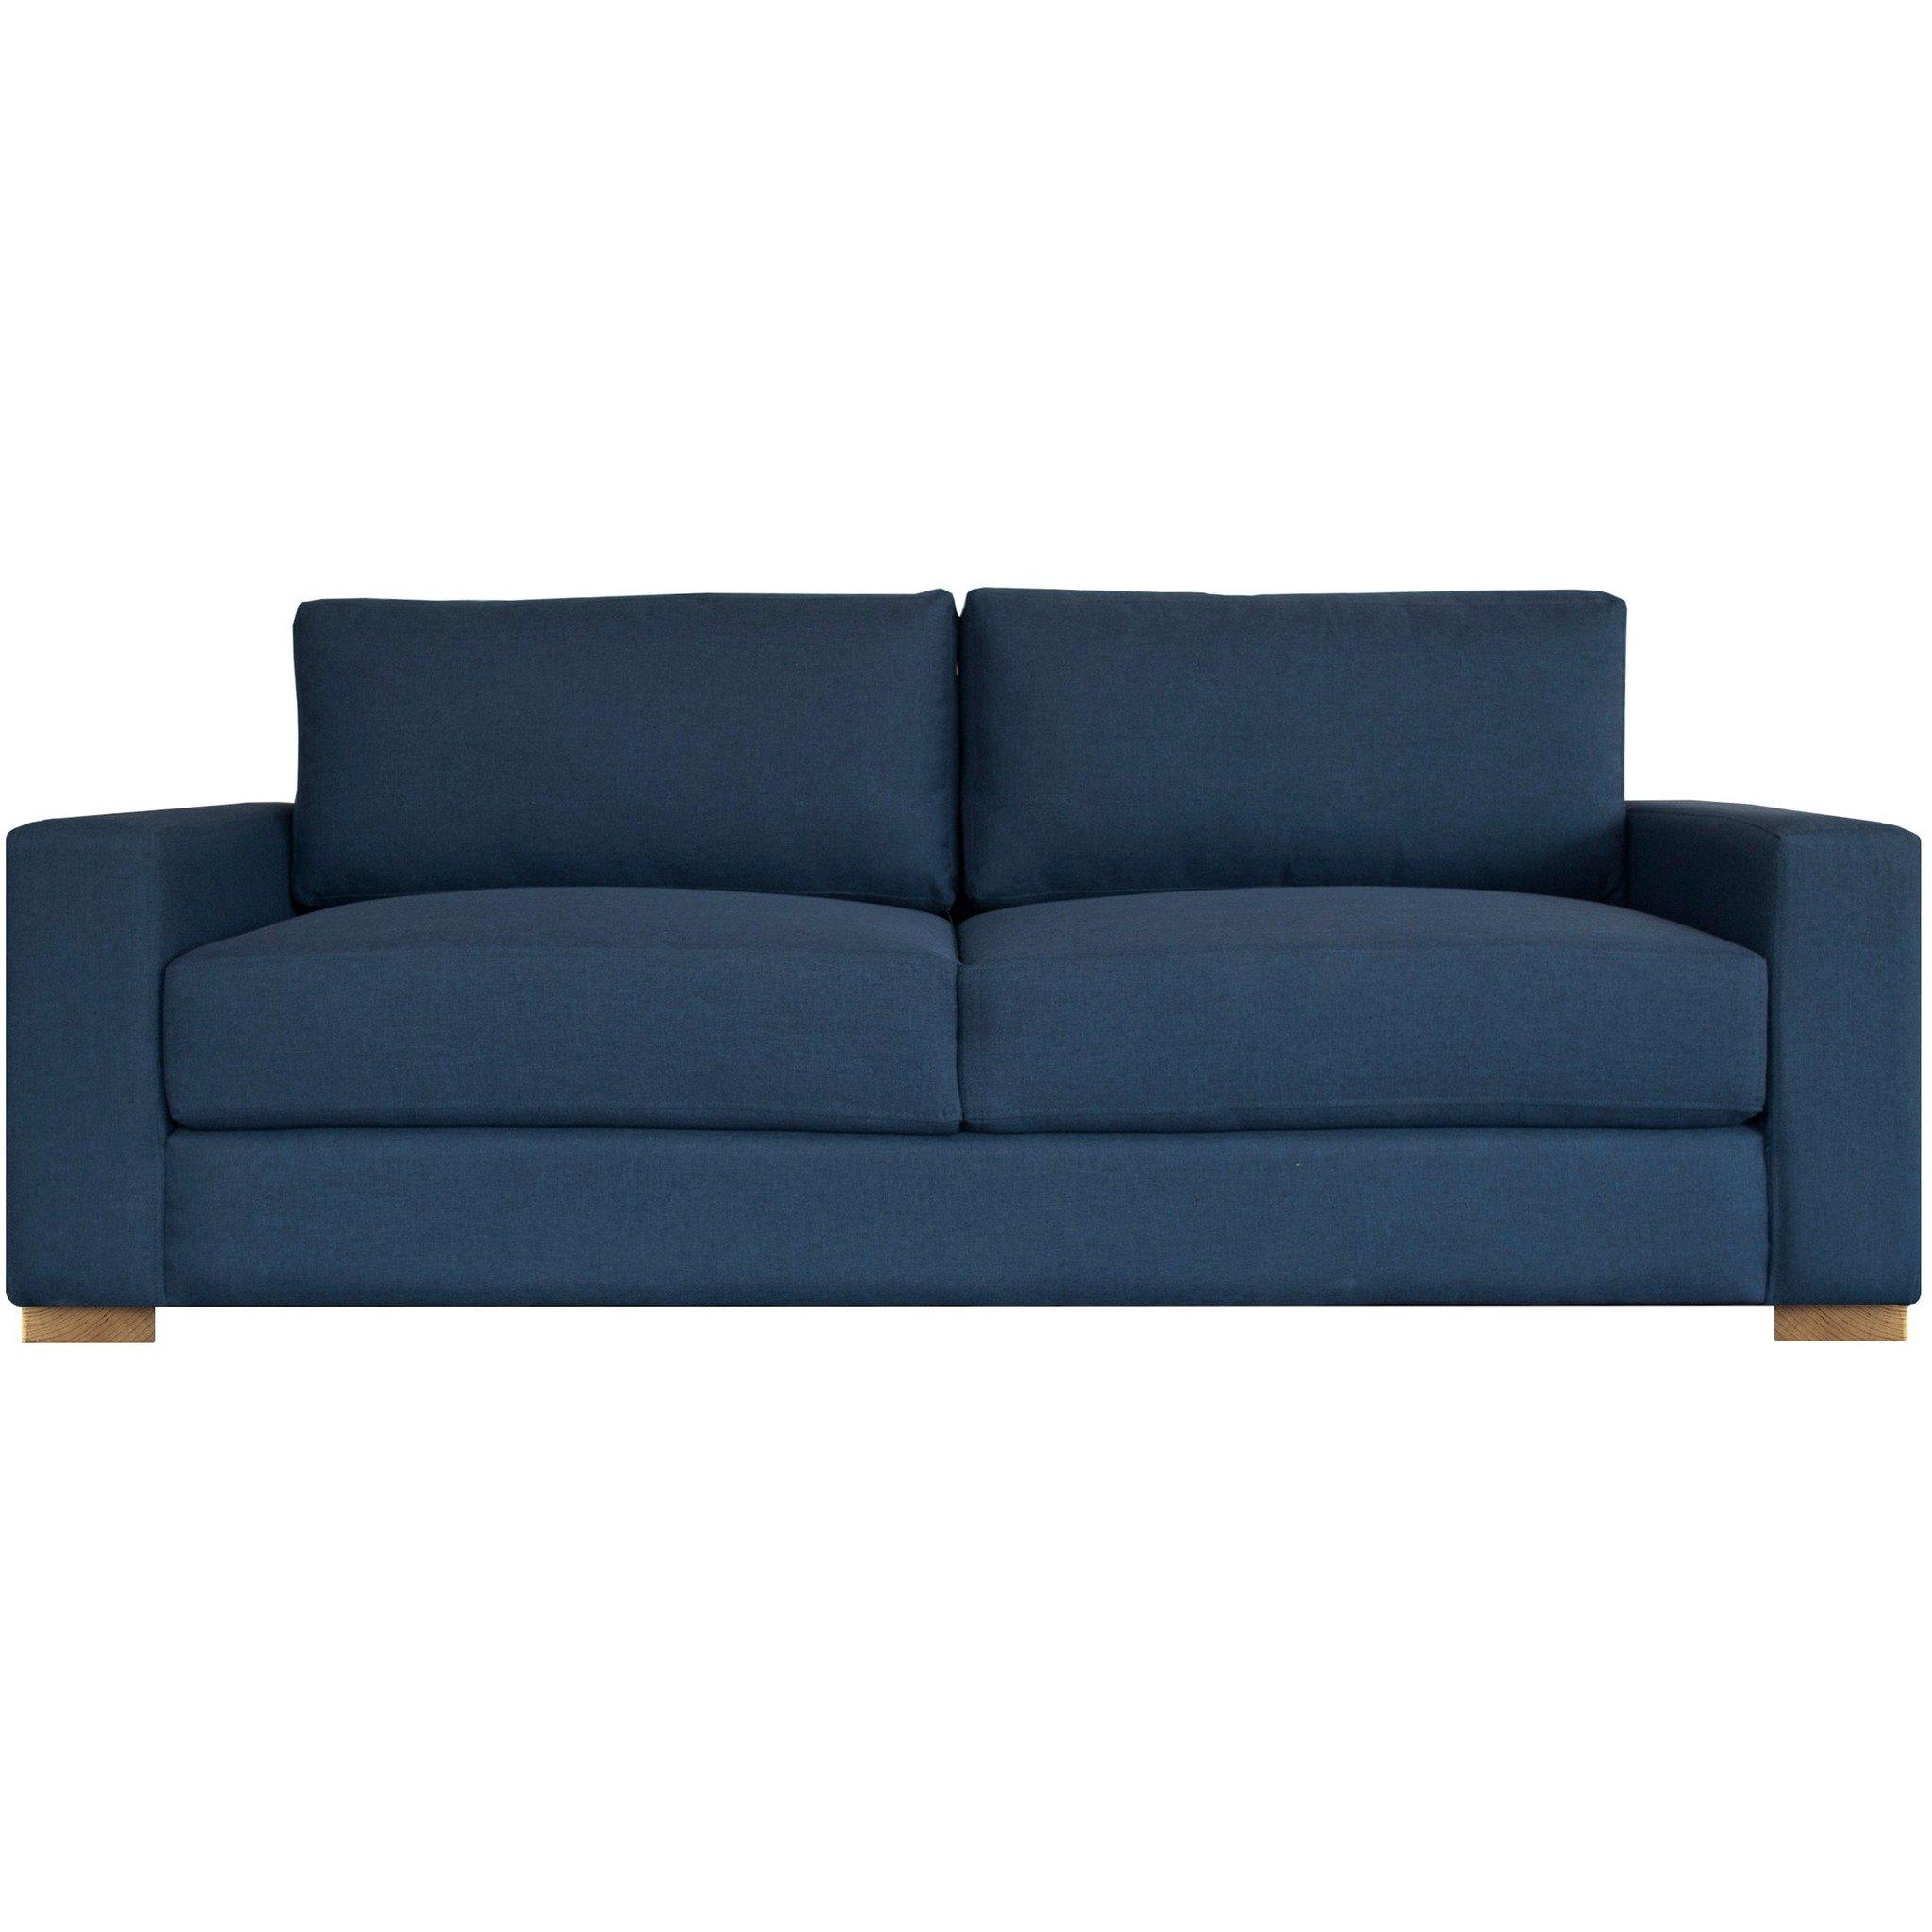 Sofa Azul Marino Fmdf sofà De 3 Plazas Azul Marino Tu Gow